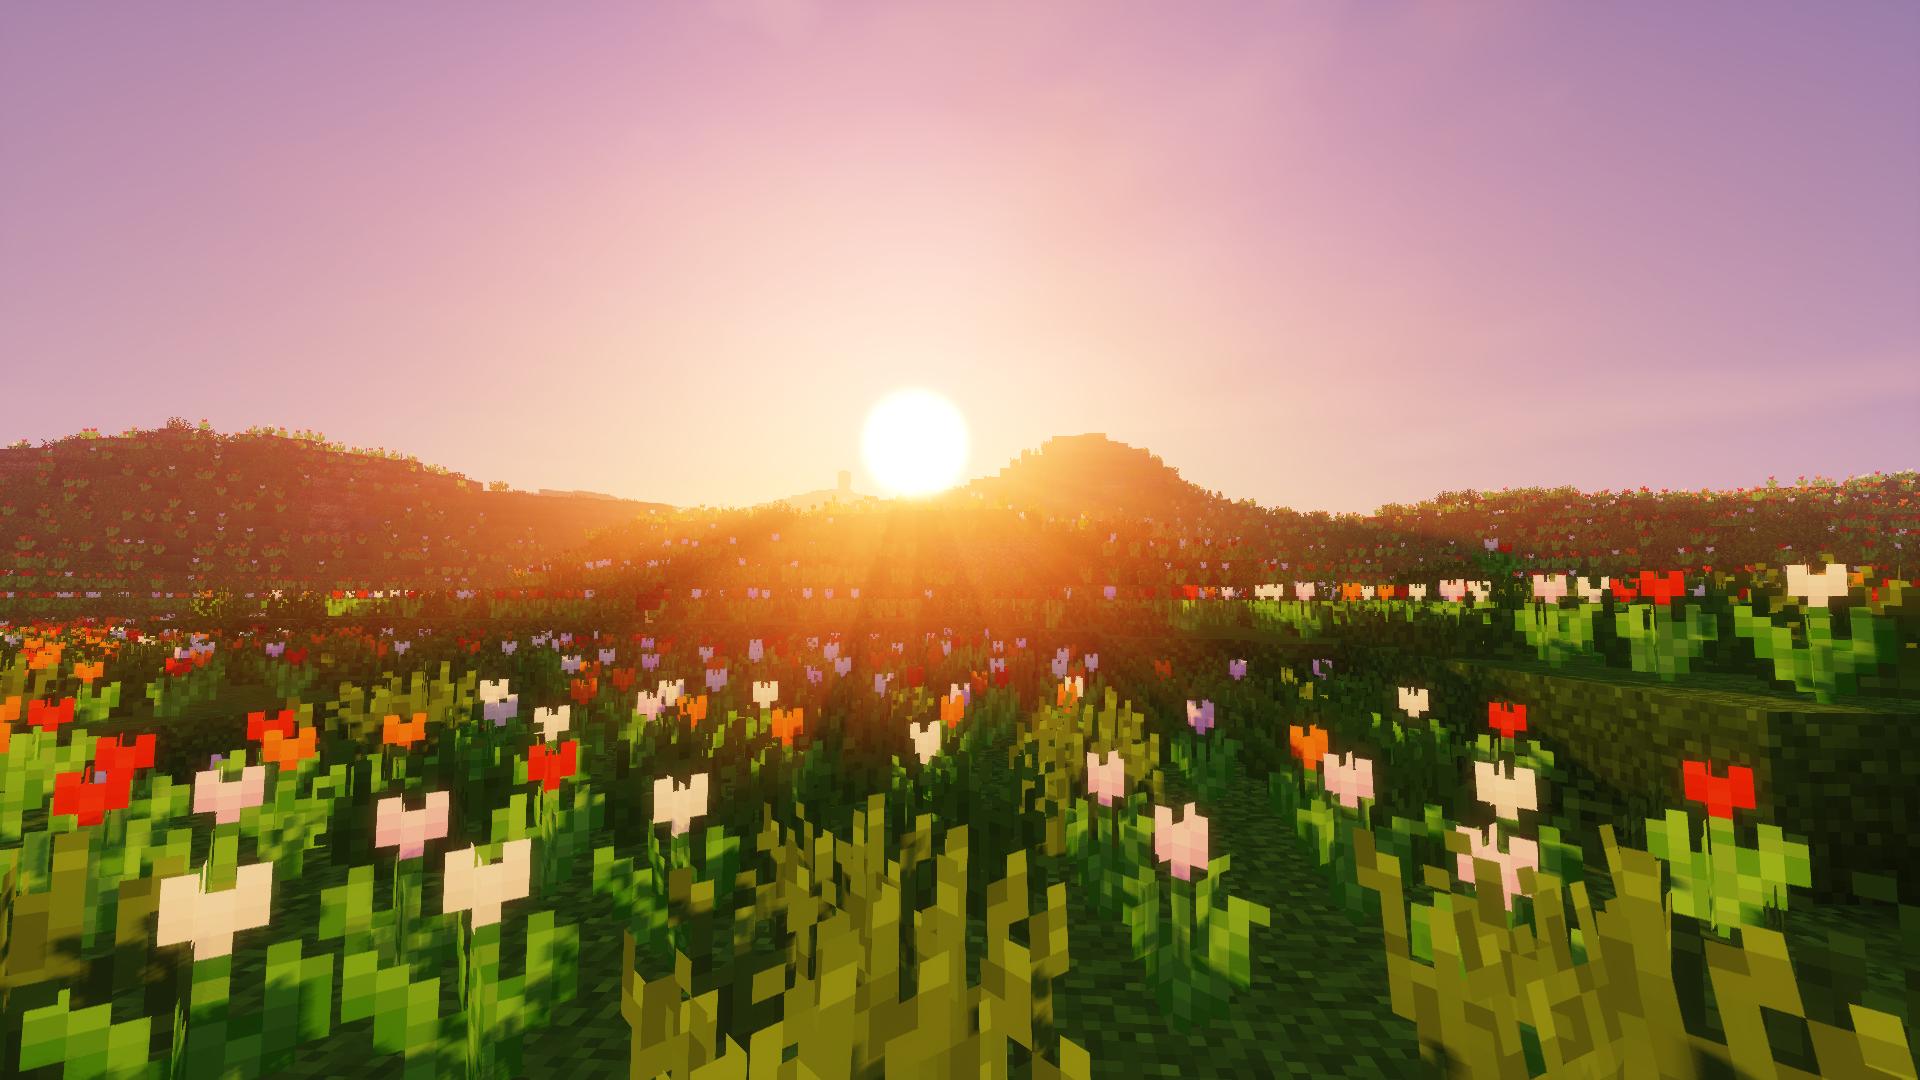 Profitez du magnifique coucher de soleil dans l'espace que vous avez créé.